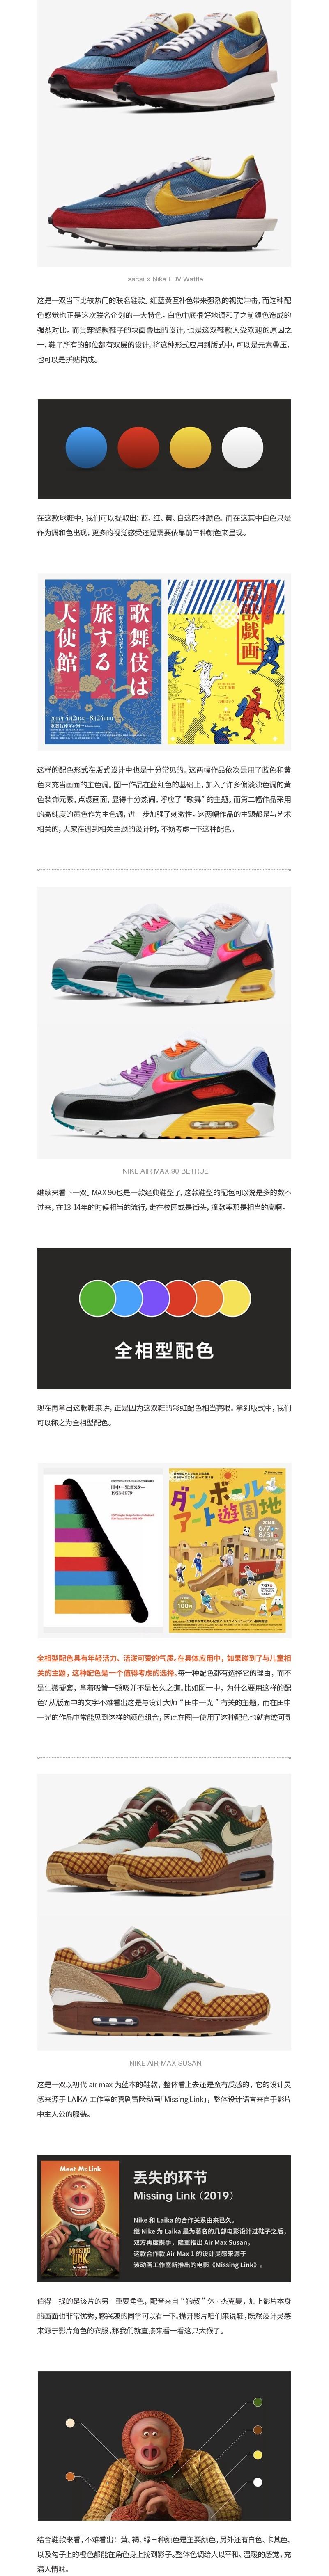 最近涨成天价的球鞋,都能帮我做设计了!